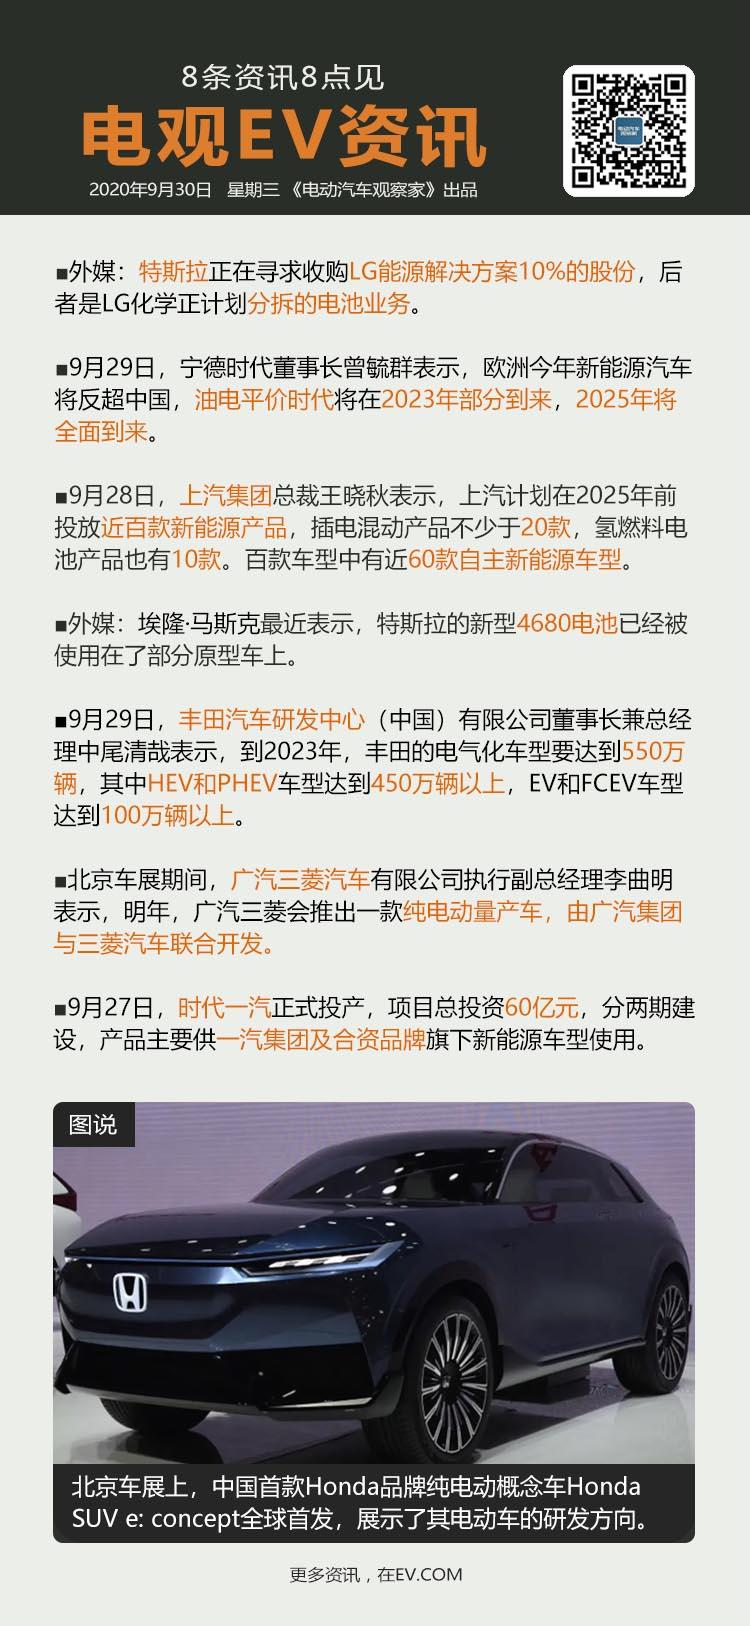 9月30日:特斯拉拟入股LG化学电池公司、曾毓群称2025年油电平价时代全面到来...